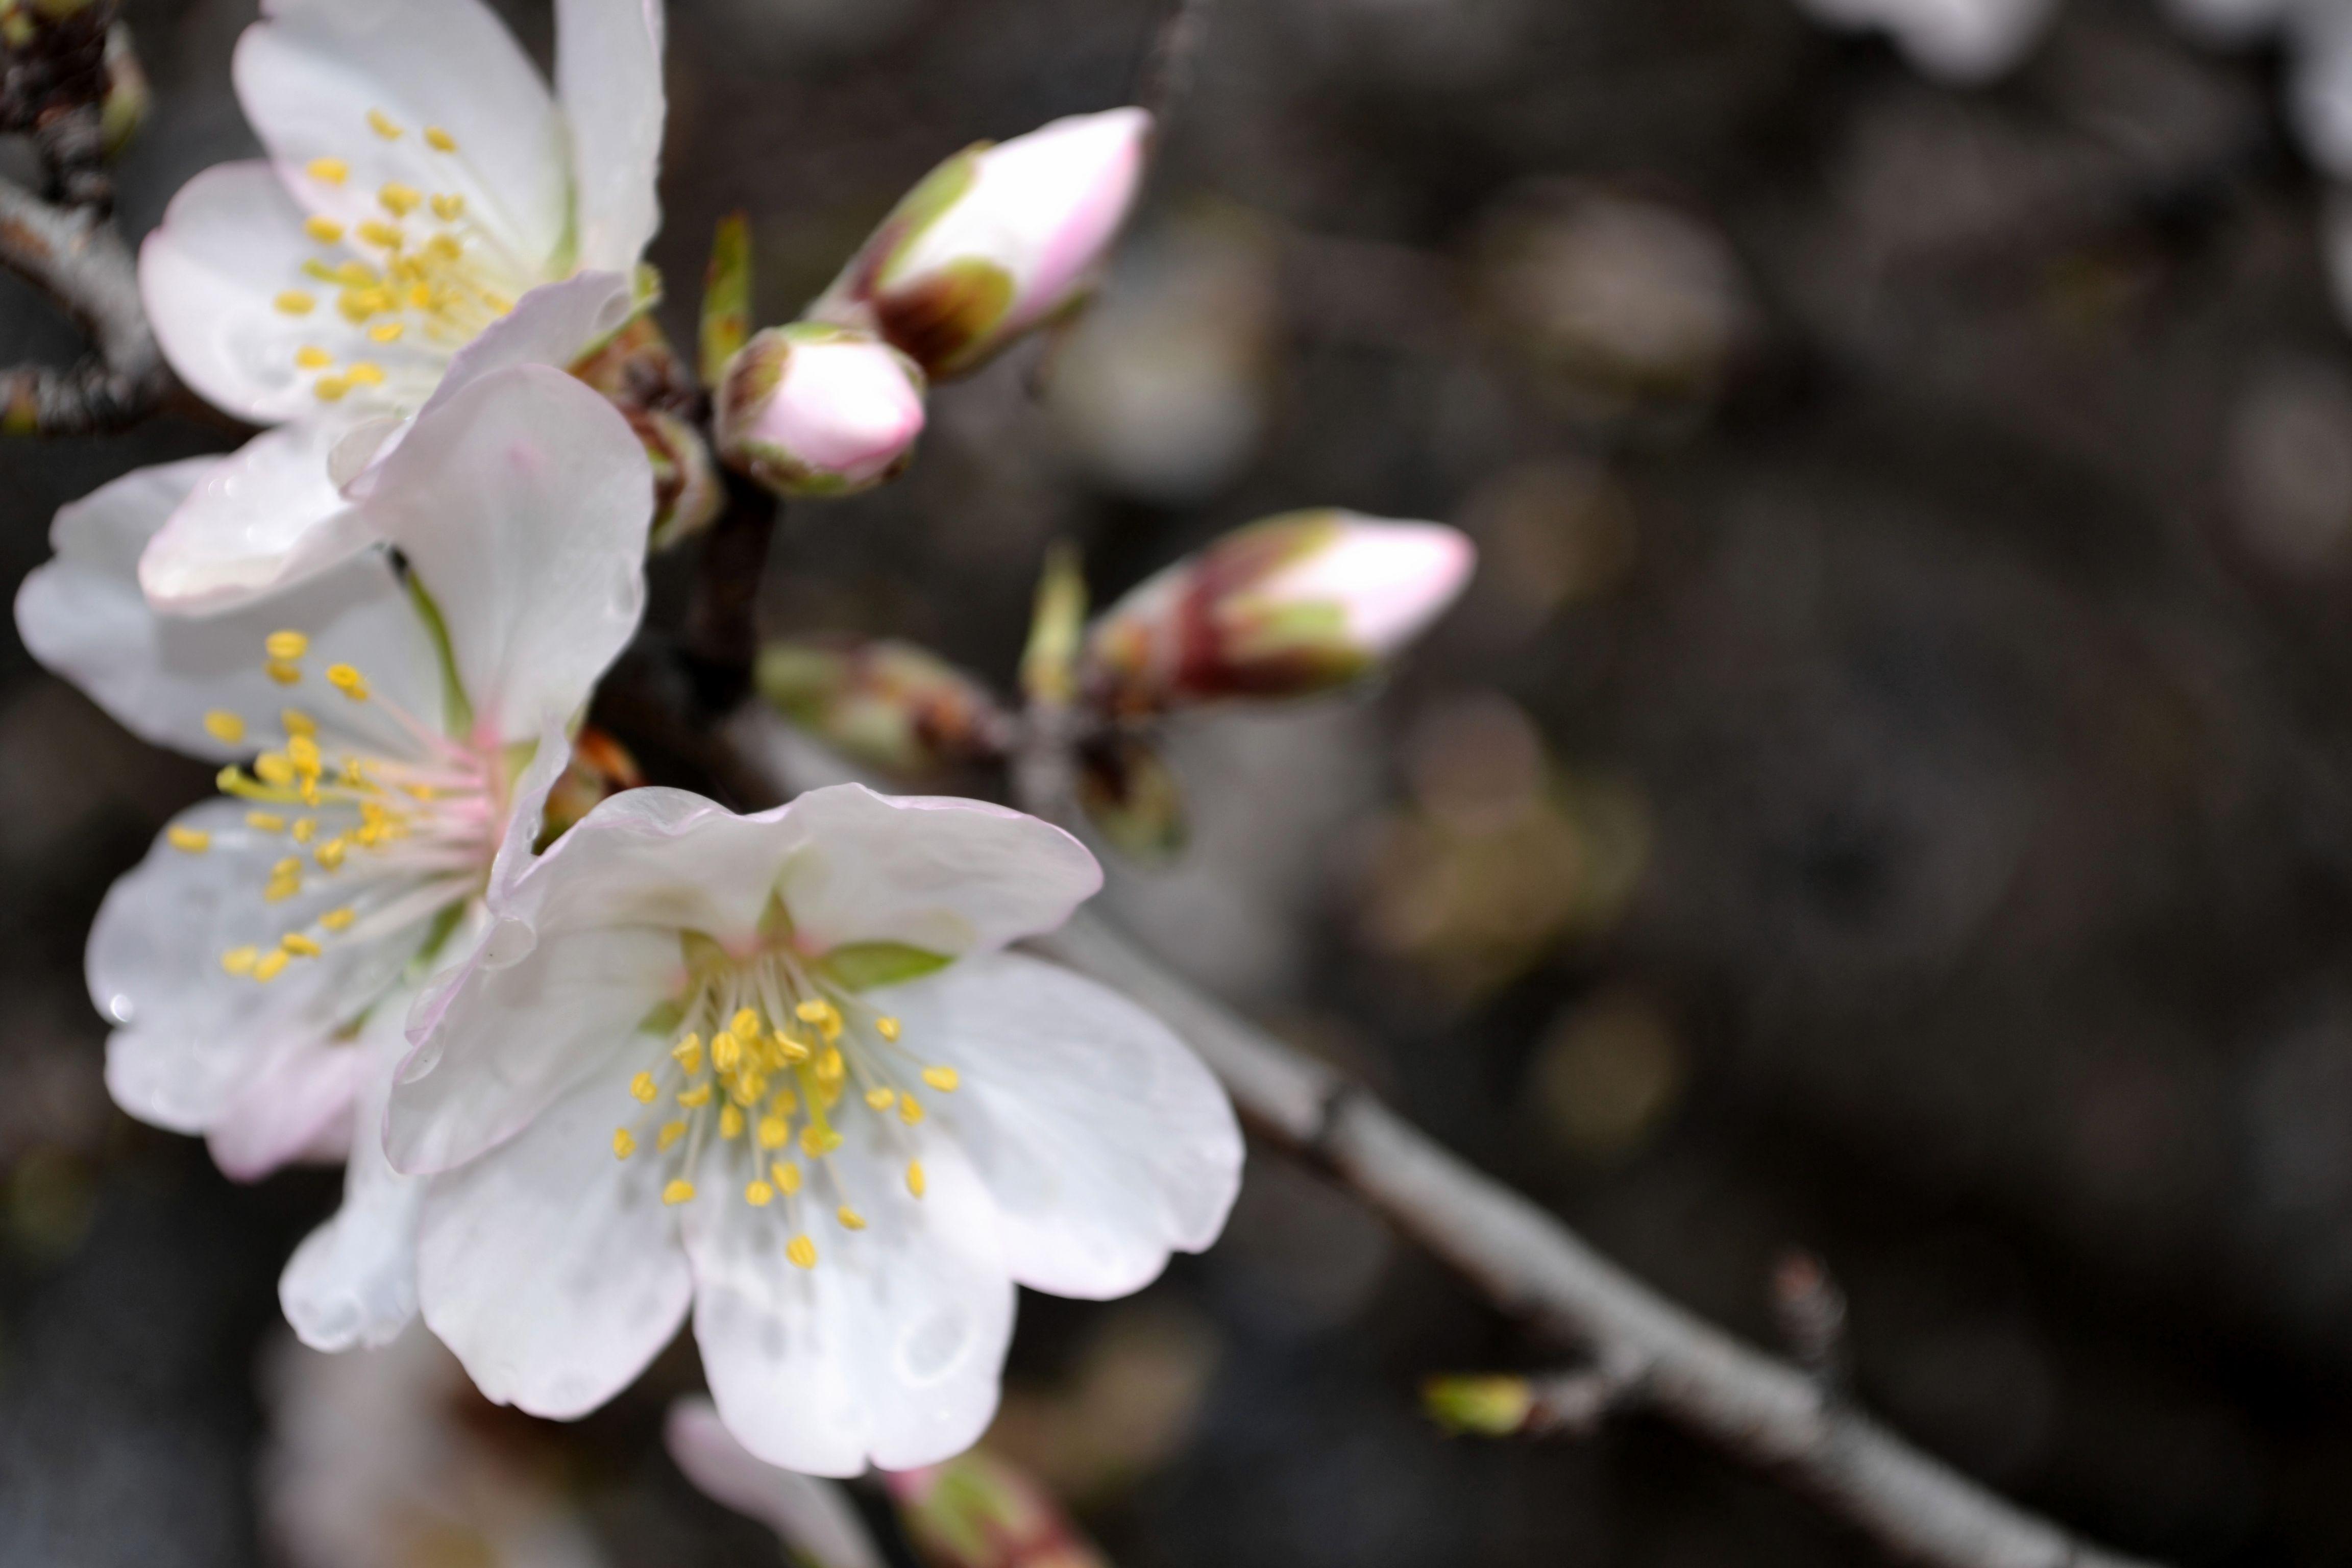 Detalle Flor de almendro